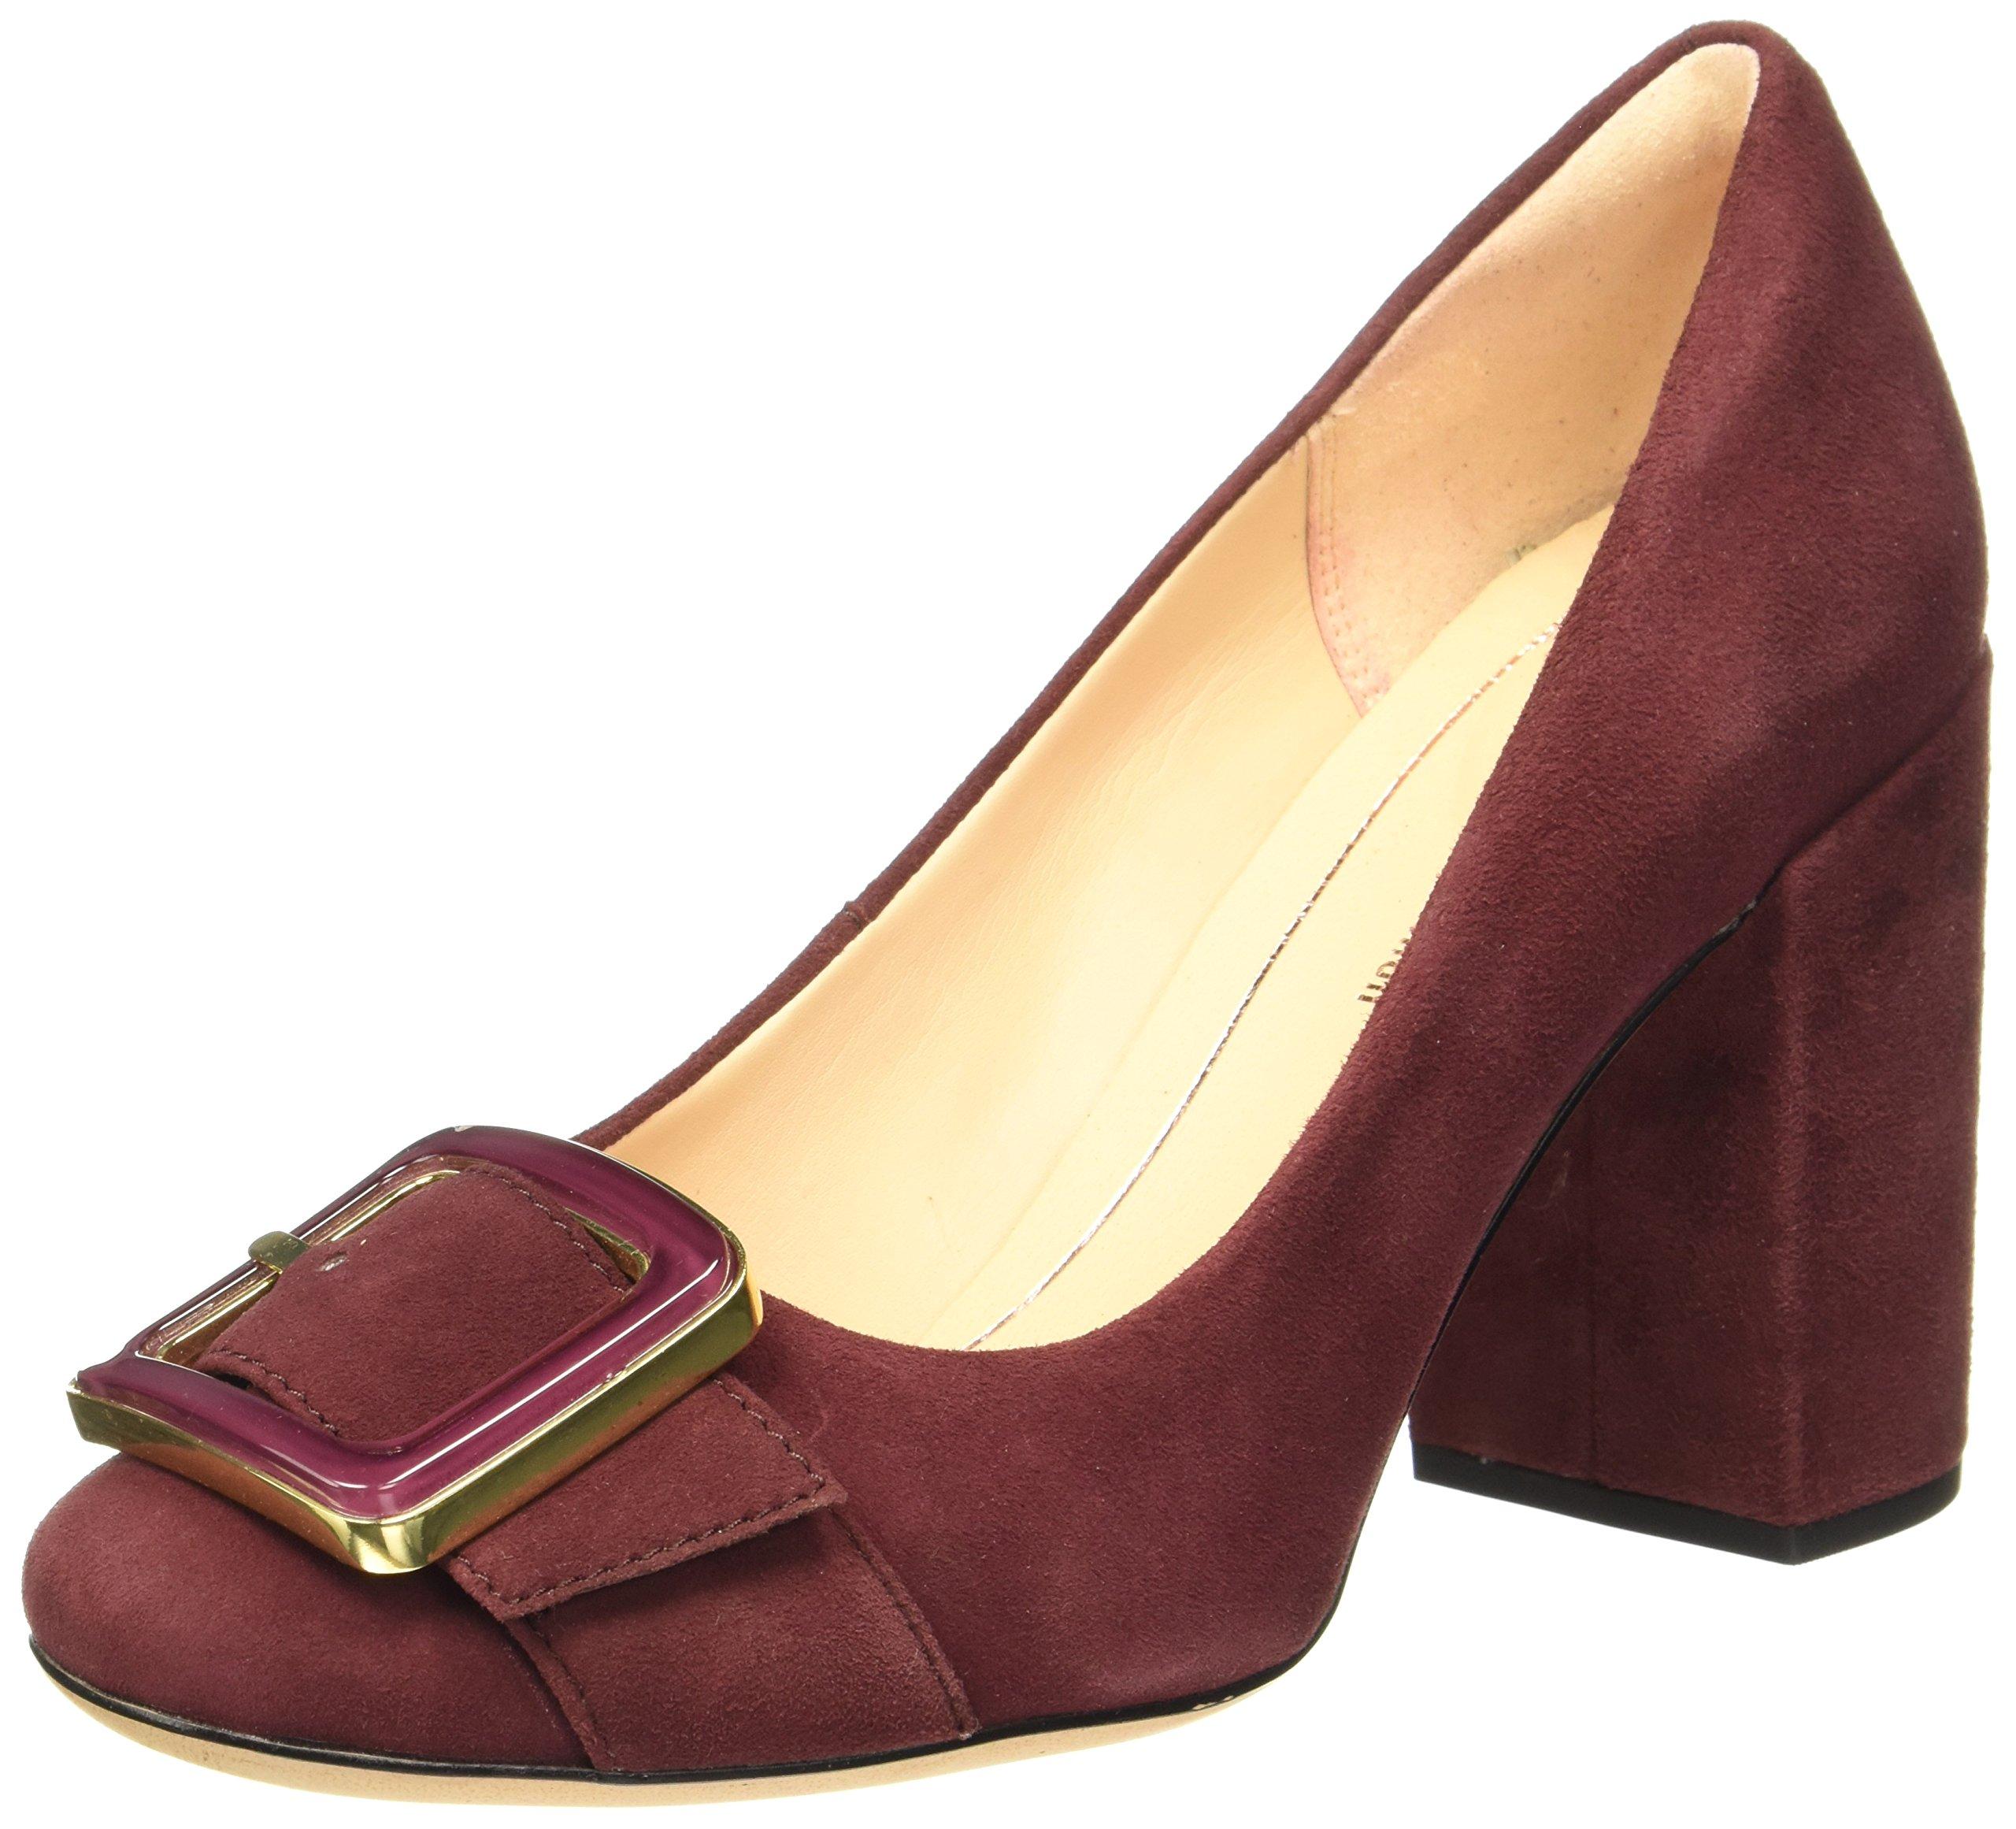 7a293e83 Clarks Women's Amabel Faye Pumps - Ratzz Collection | Best Price Online Shop